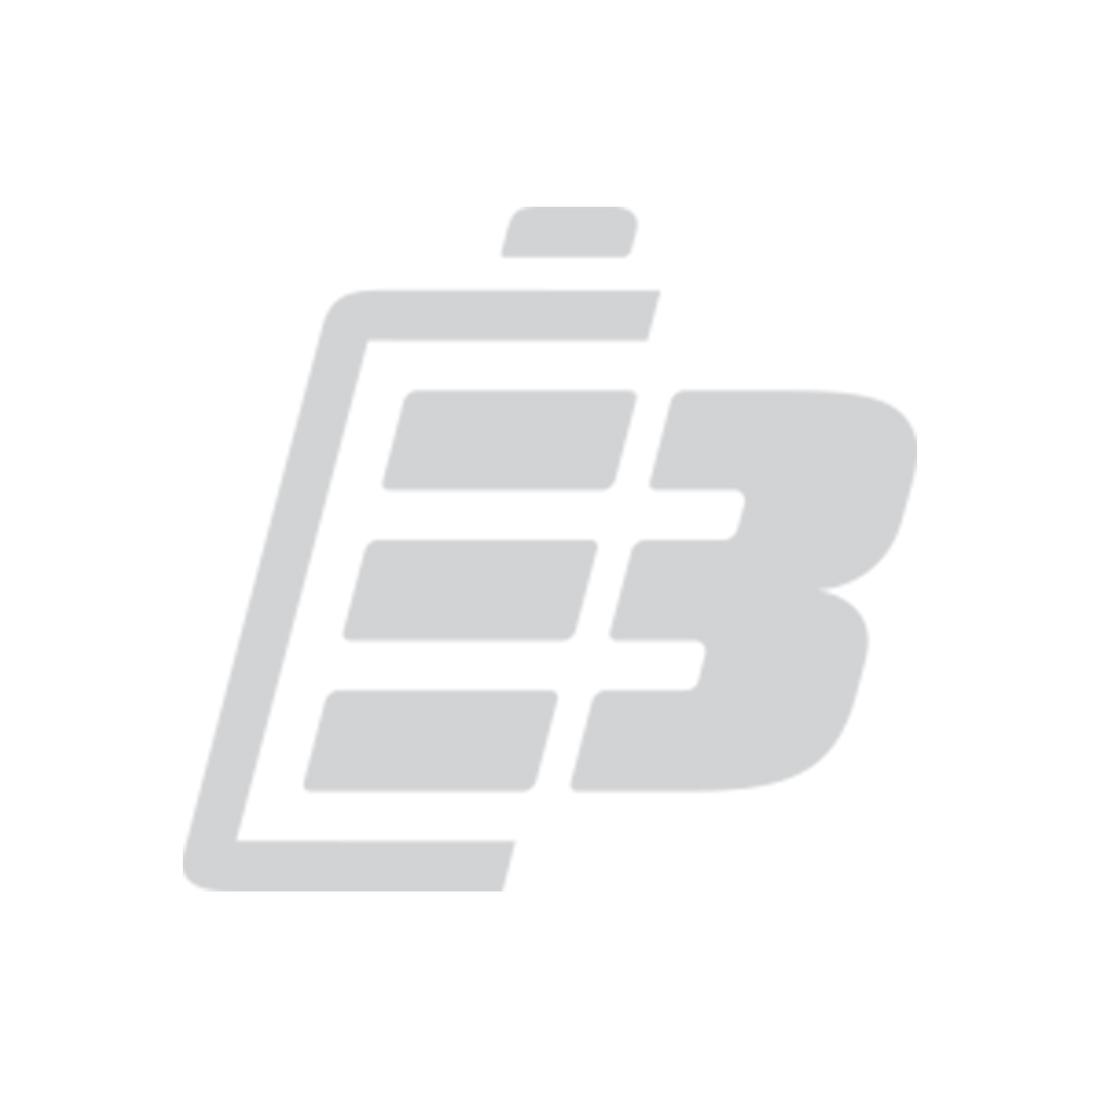 Payment terminal battery Verifone VX680_1